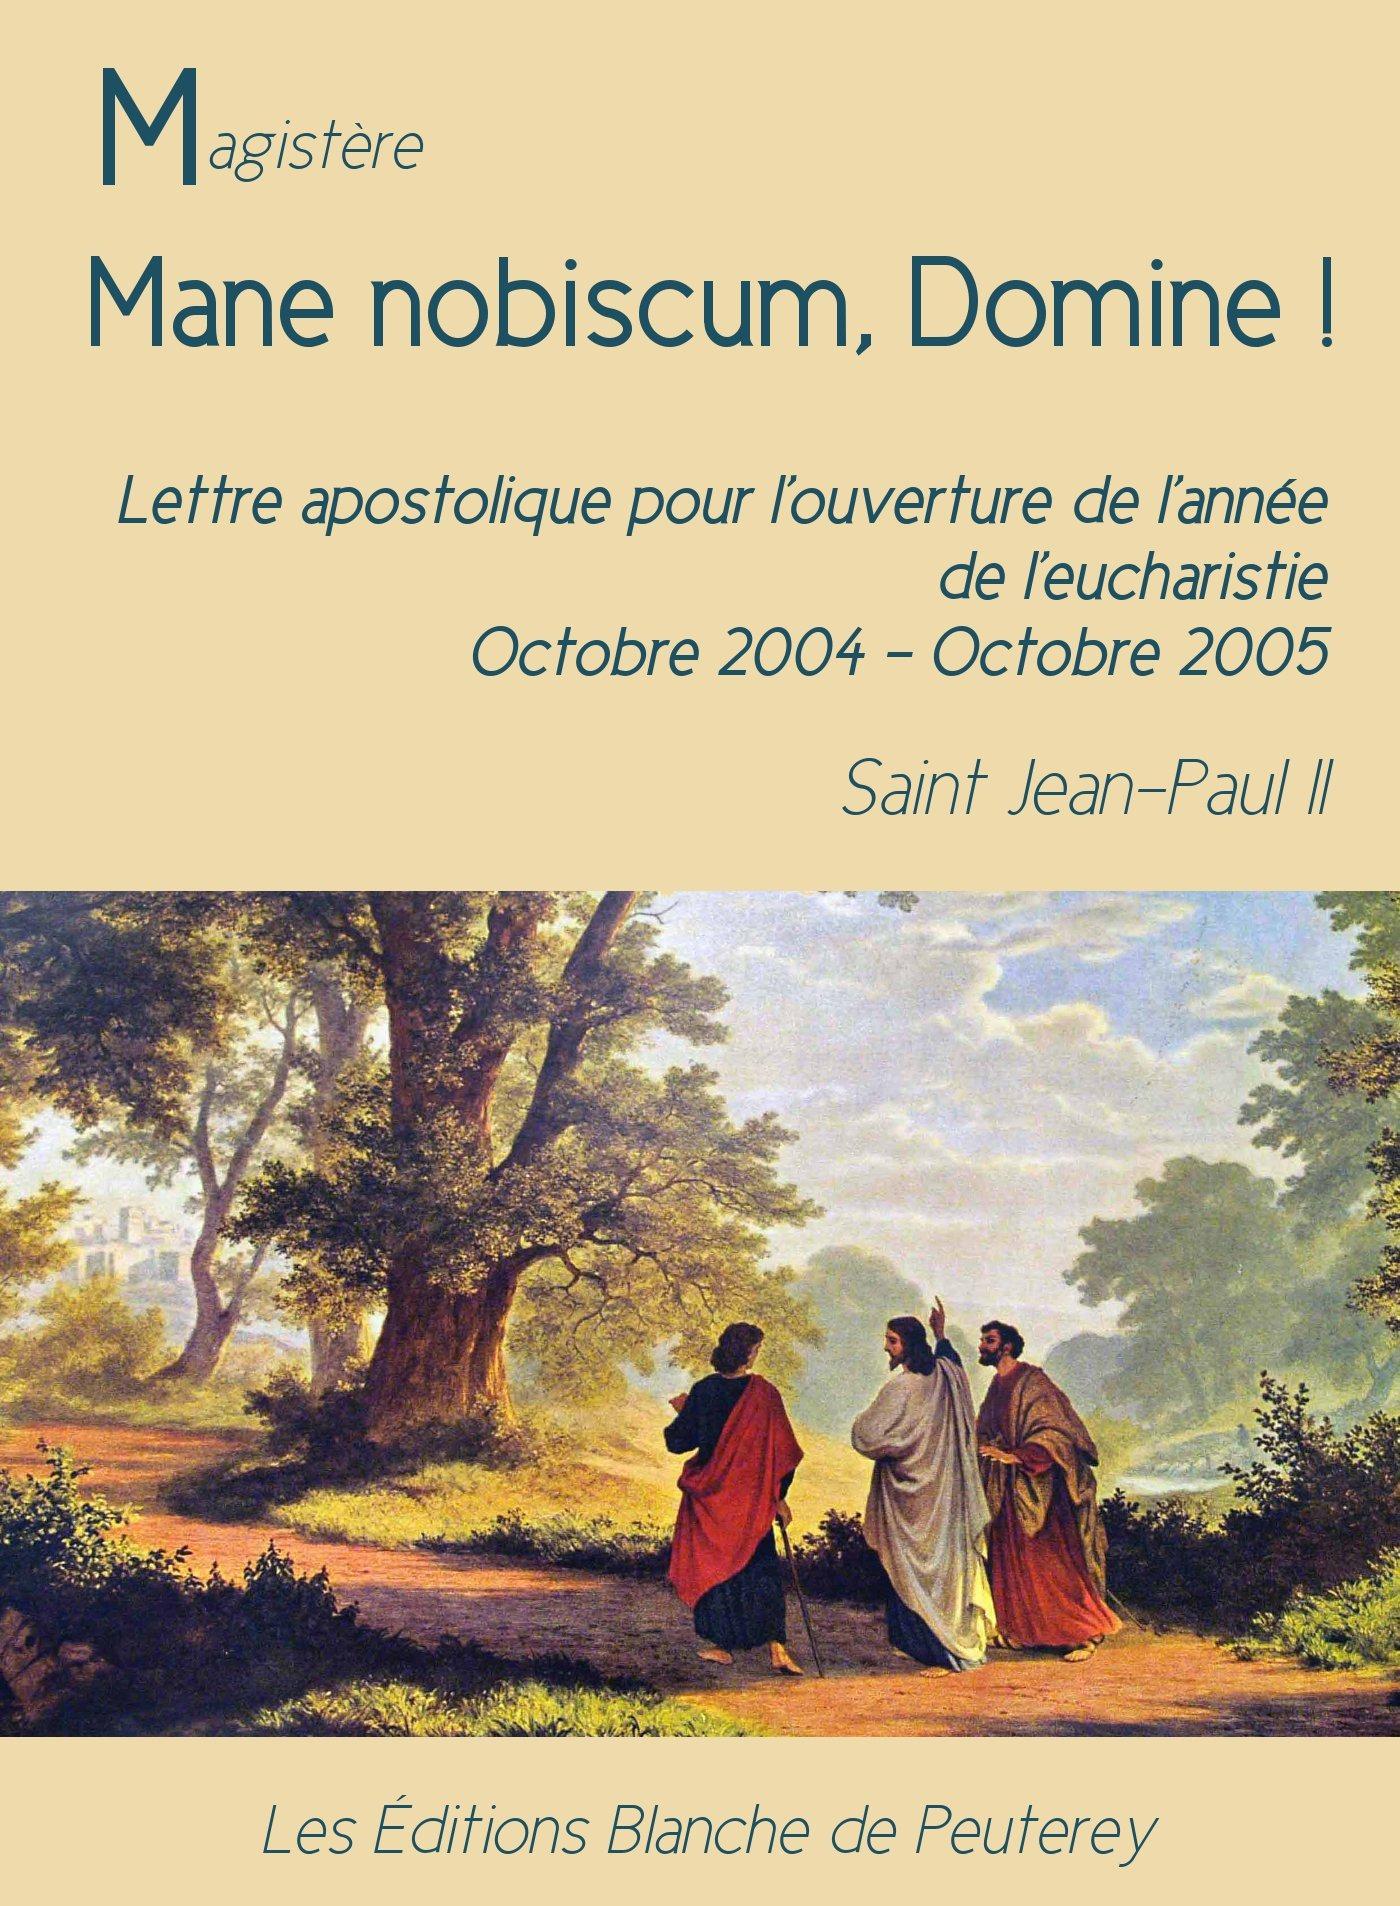 Mane nobiscum, Domine, LETTRE APOSTOLIQUE POUR L'OUVERTURE DE L'ANNÉE DE L'EUCHARISTIE. OCTOBRE 2004 - OCTOBRE 2005